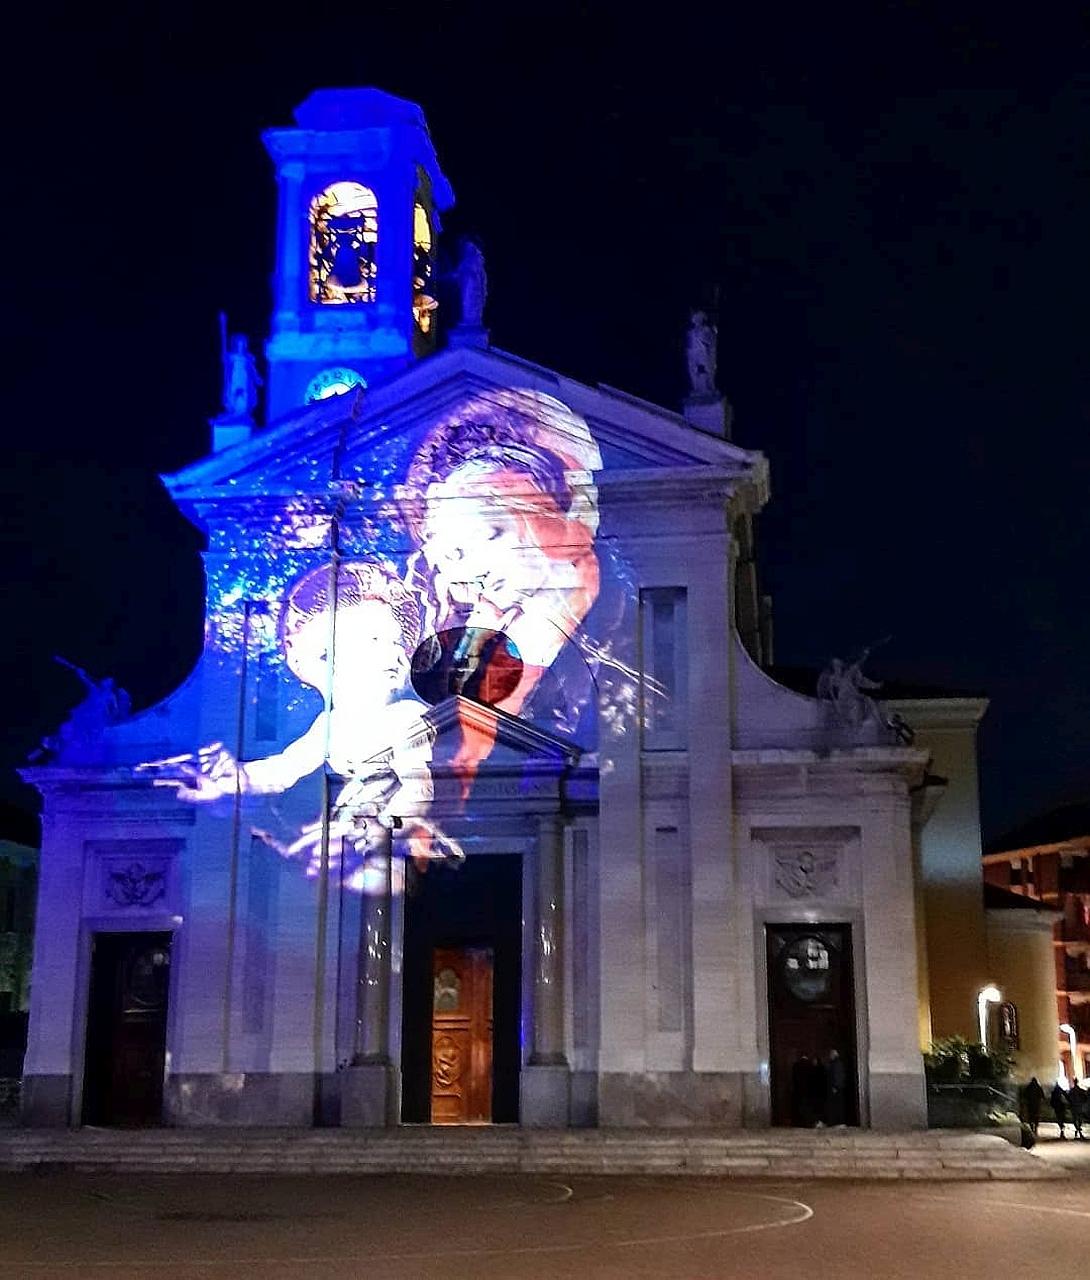 Madonna sulla chiesa dei Santi Gervaso e Protaso a Parabiago (Milano) - foto di Pasquale Campolo